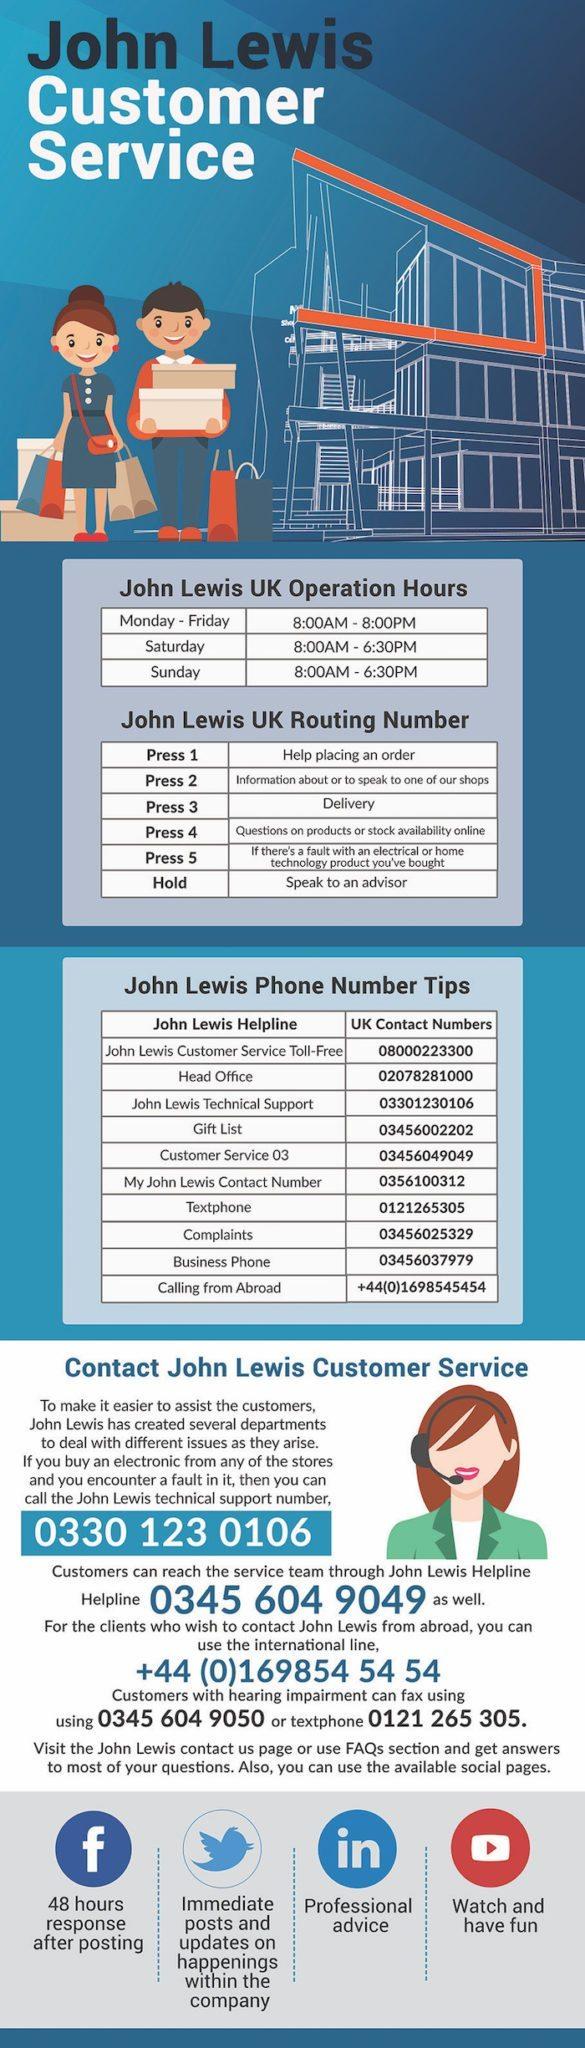 John Lewis Customer Service